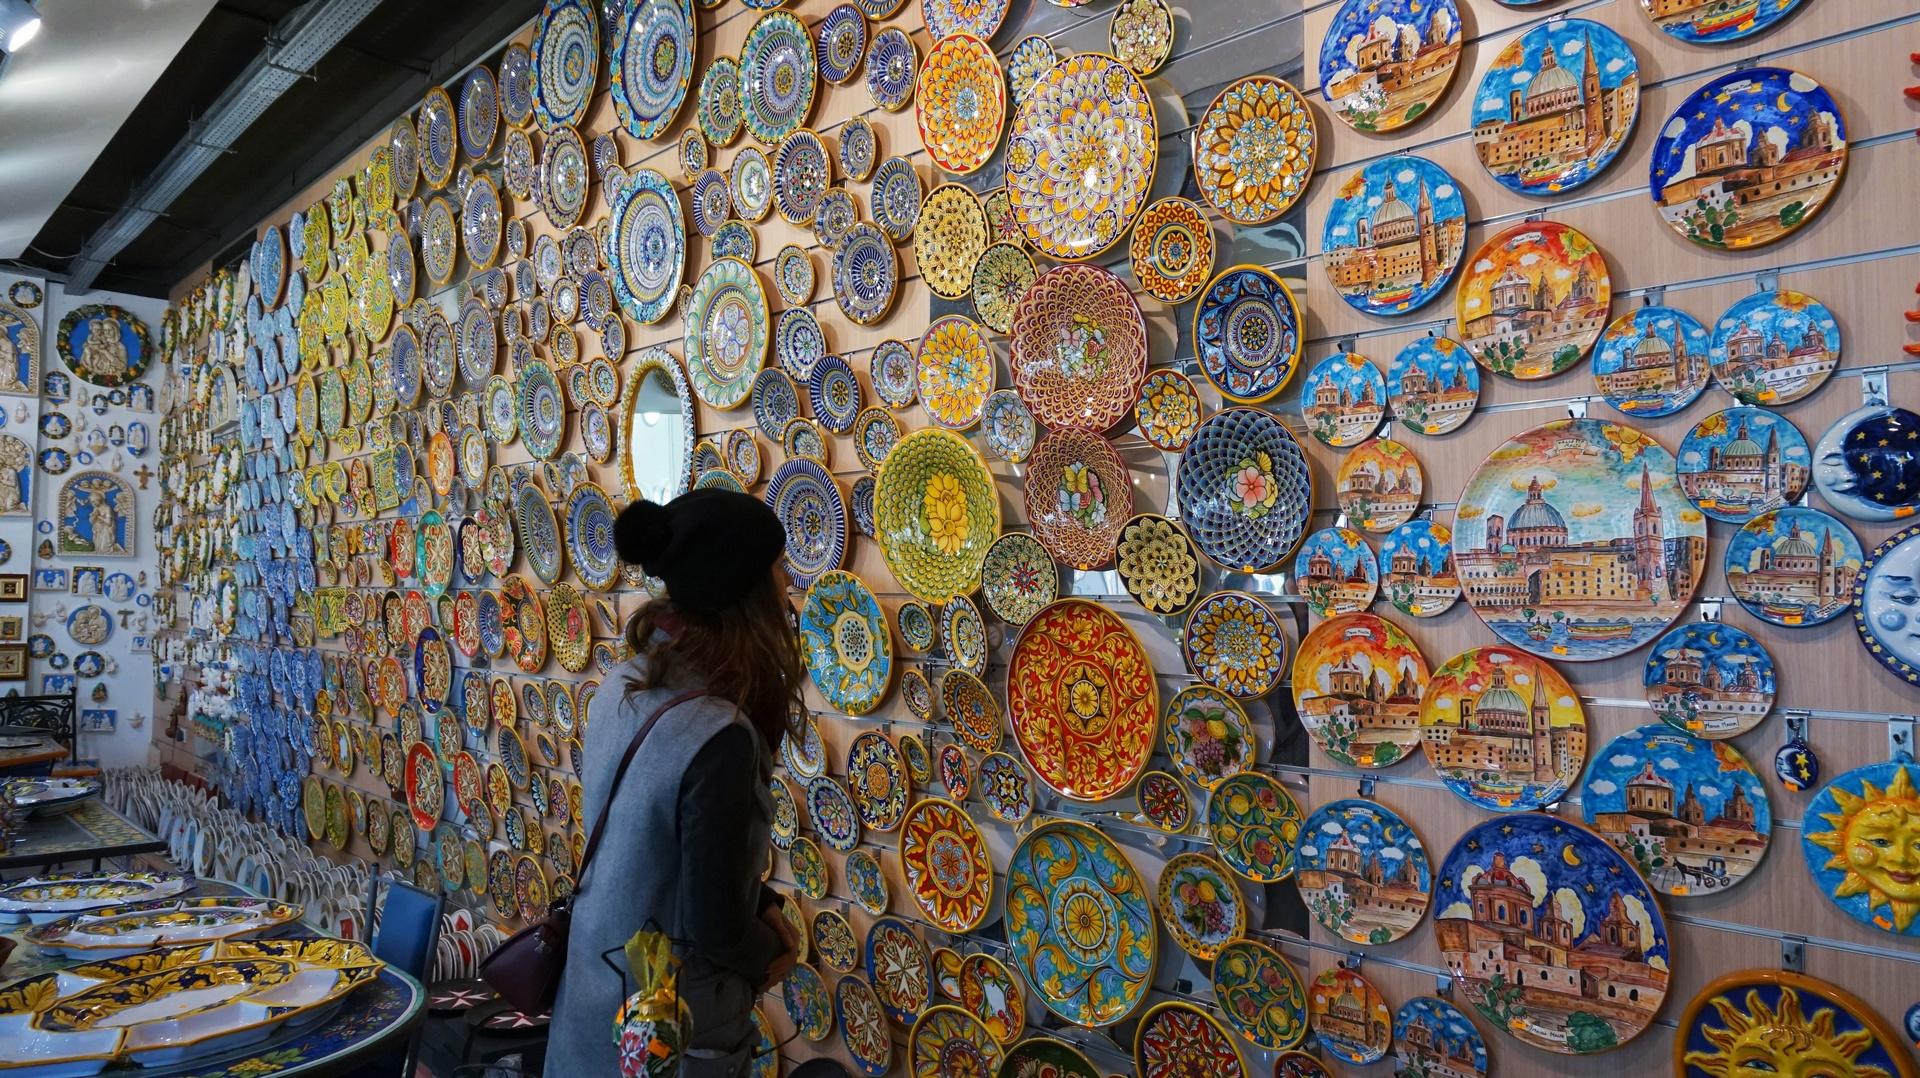 Ręcznie malowane talerze w wiosce rzemieślniczej Ta'Qali niedaleko Mdiny, Malta | Sway the way